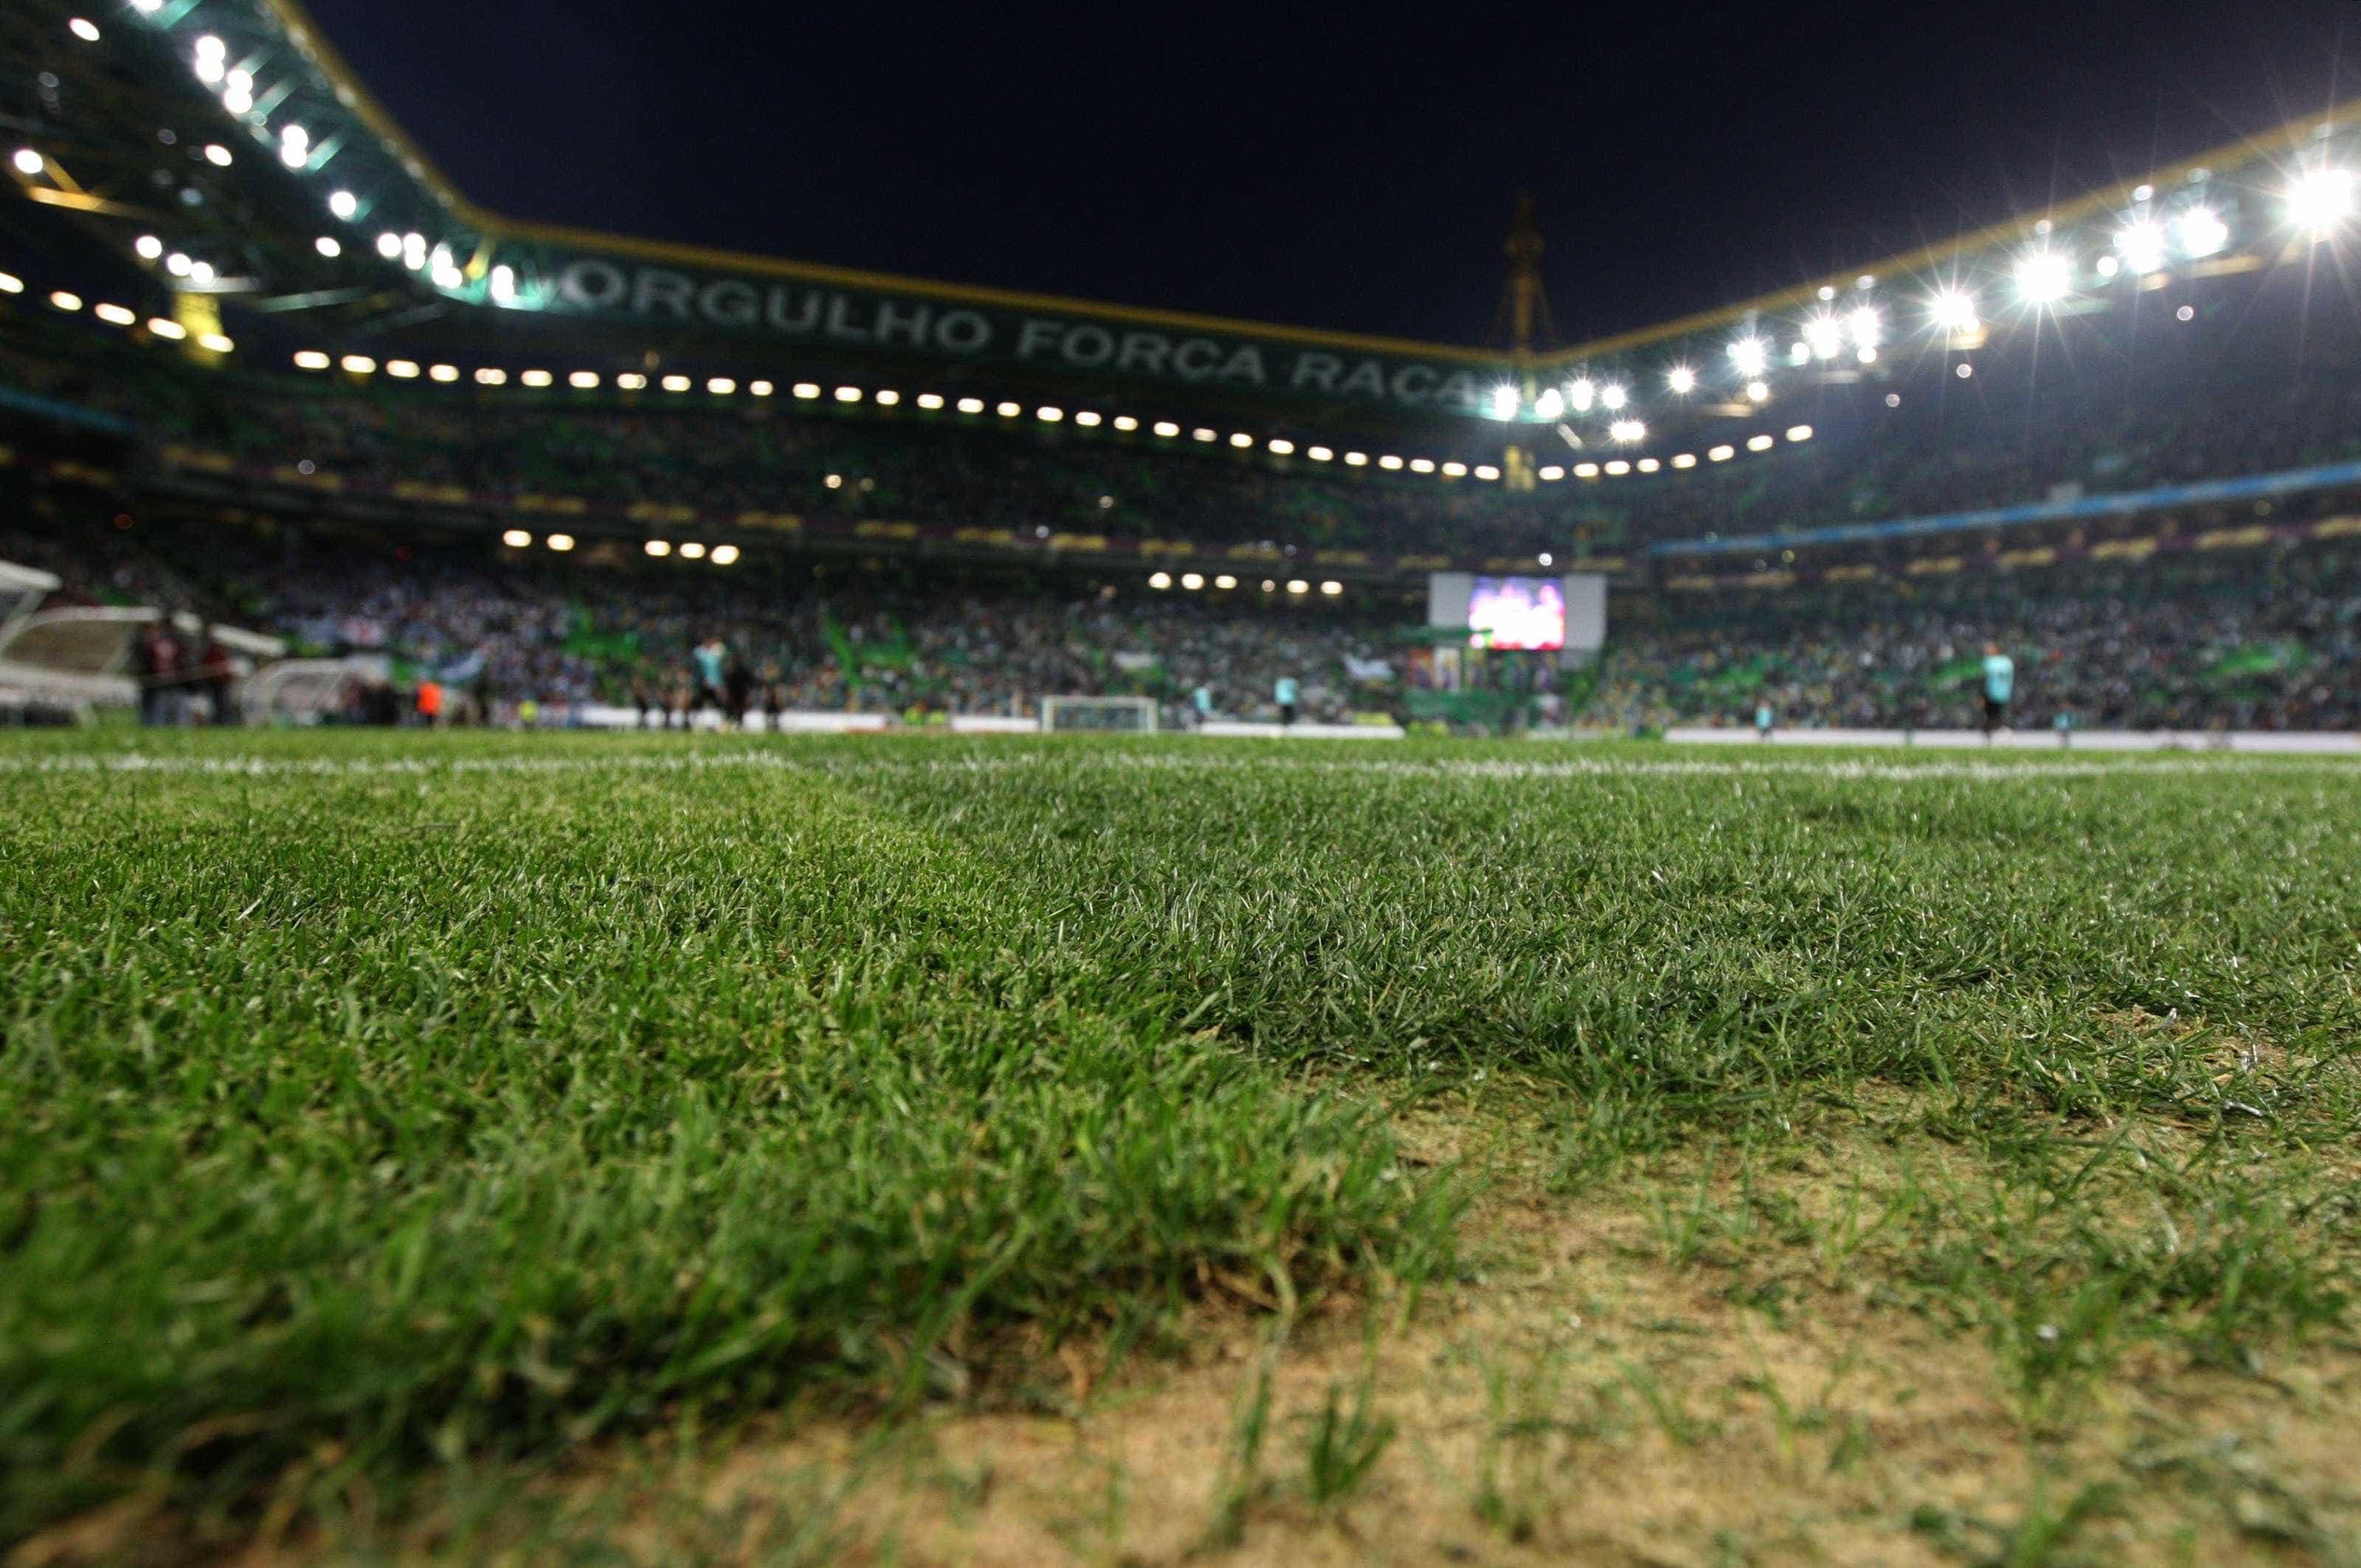 Oferta de obrigações do Sporting está a 11 milhões do objetivo